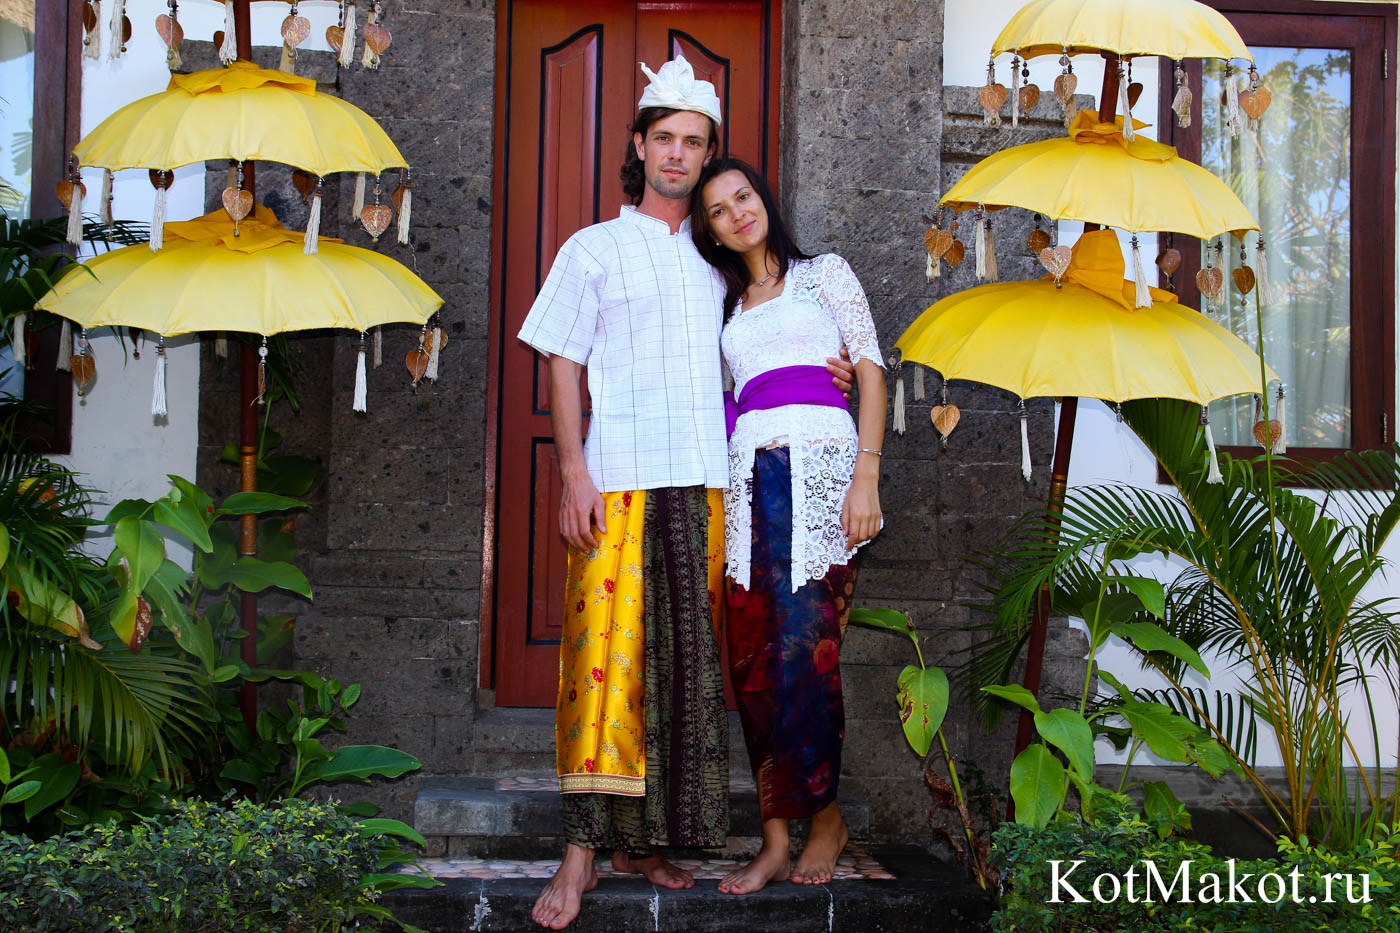 Мы в балийской одежде